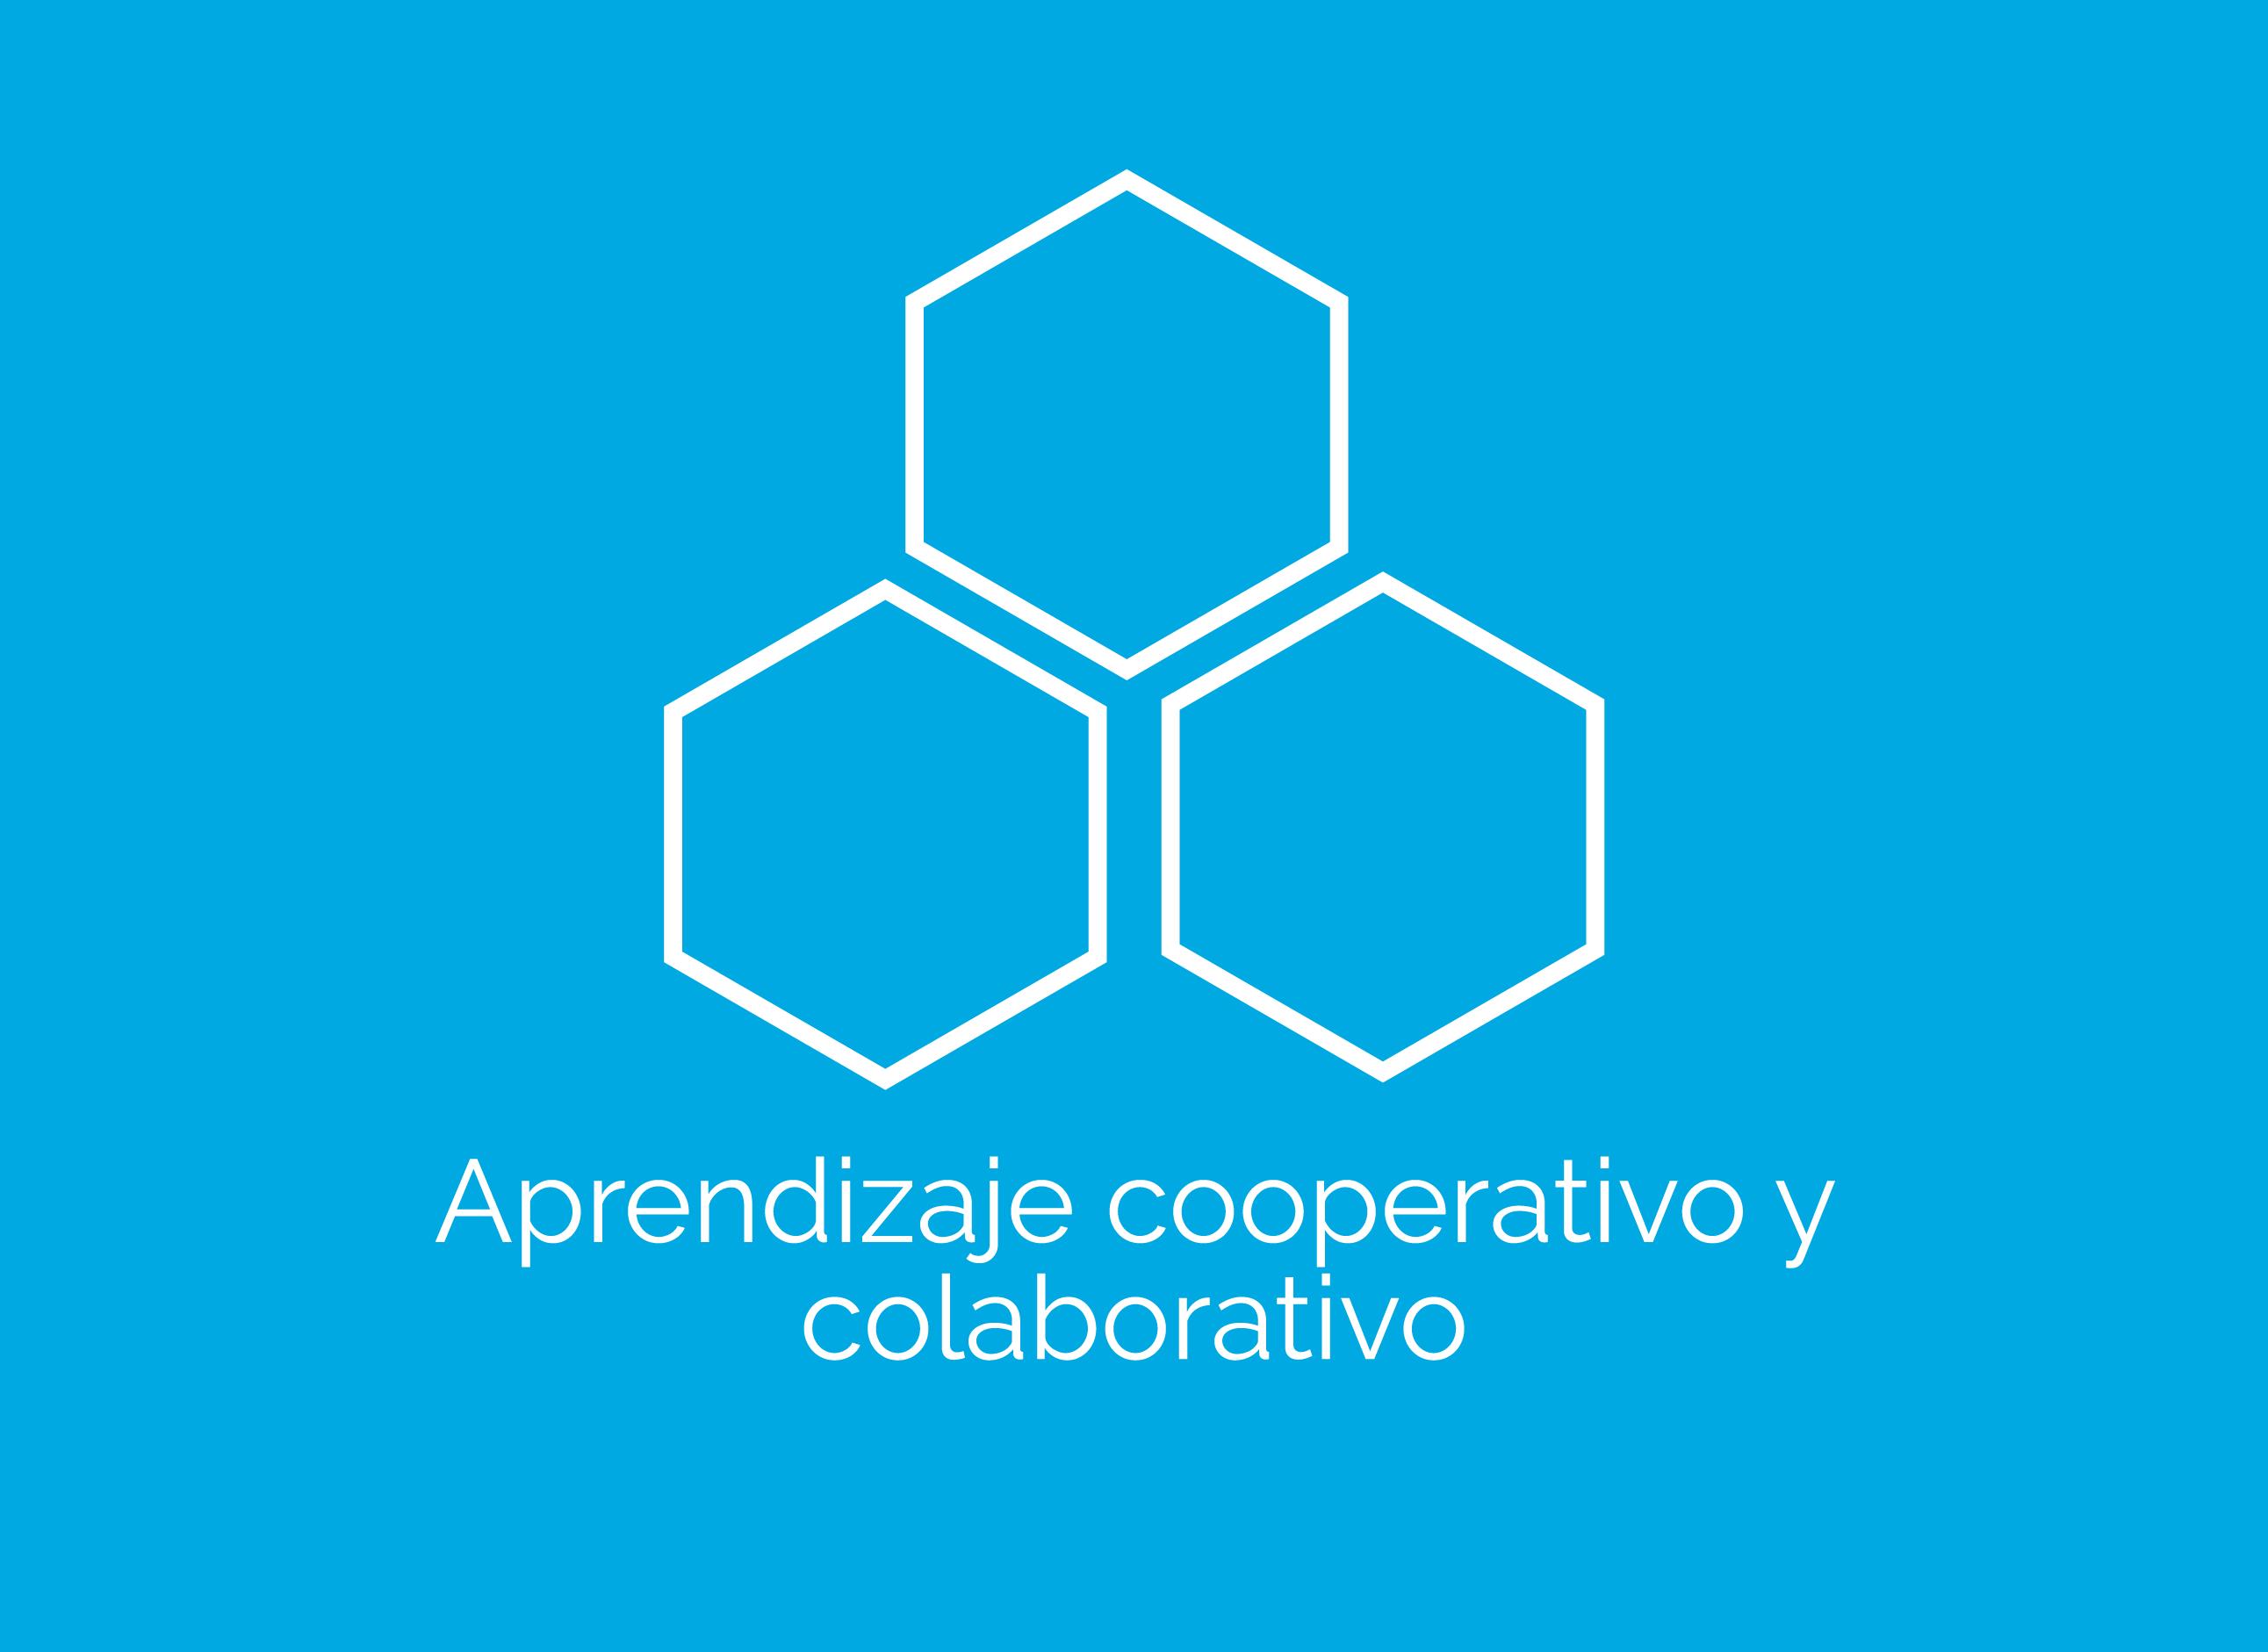 17a Edición - Estrategias didácticas para el aprendizaje cooperativo / colaborativo